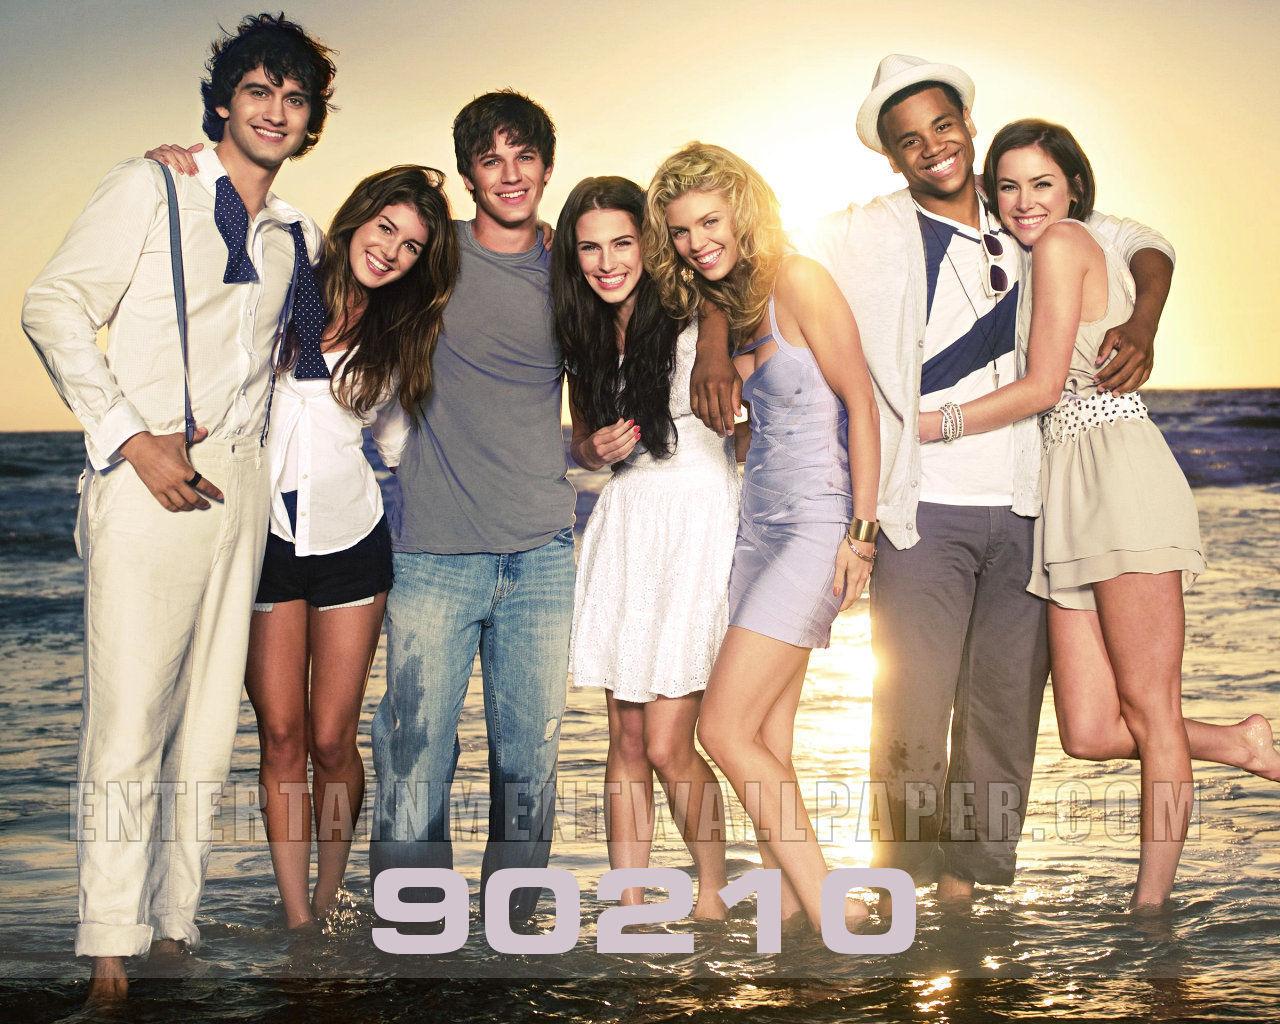 90210 online